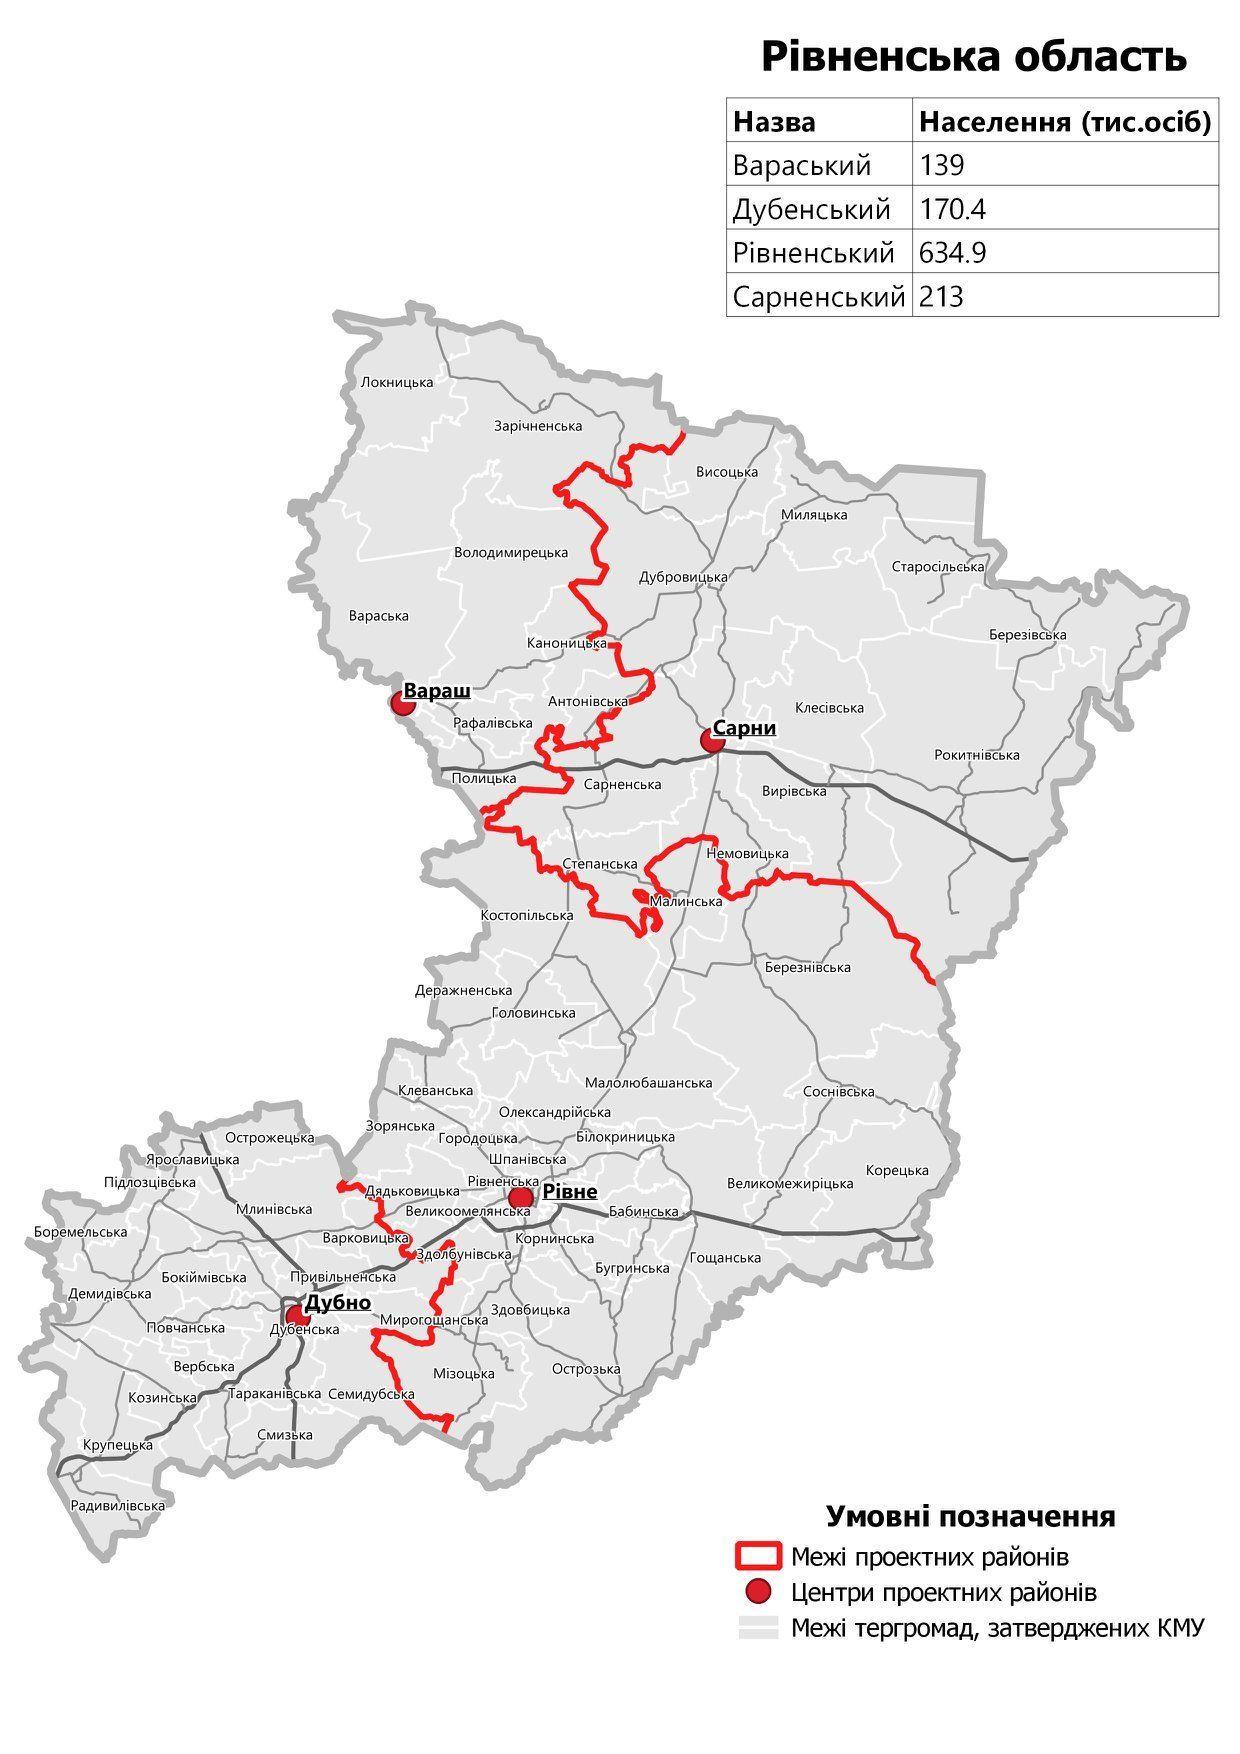 Мапа нових районів_17